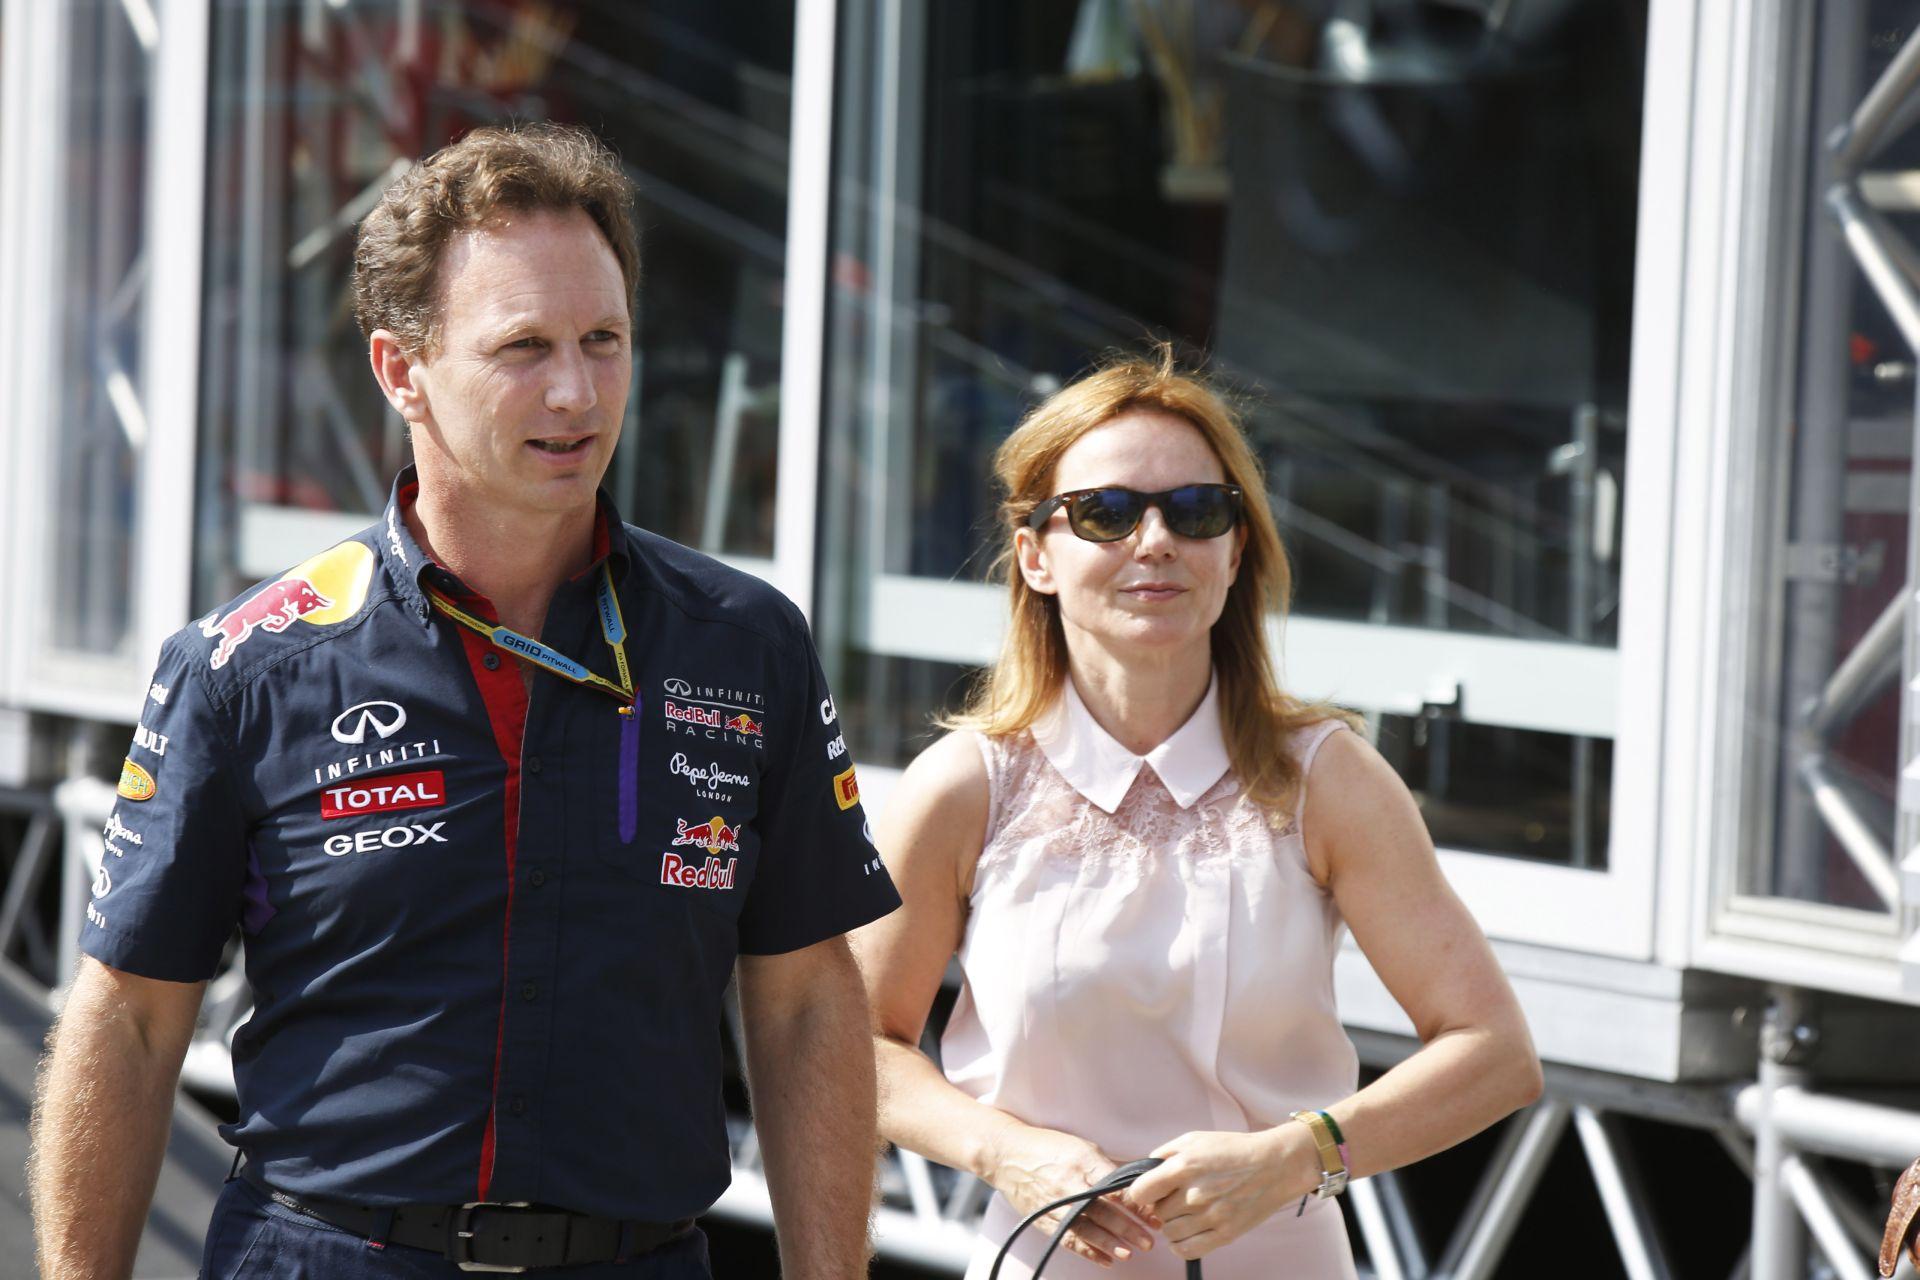 A Red Bull csapatfőnöke és az ex-Spice Girl - akiket tényleg egymásnak teremtettek!